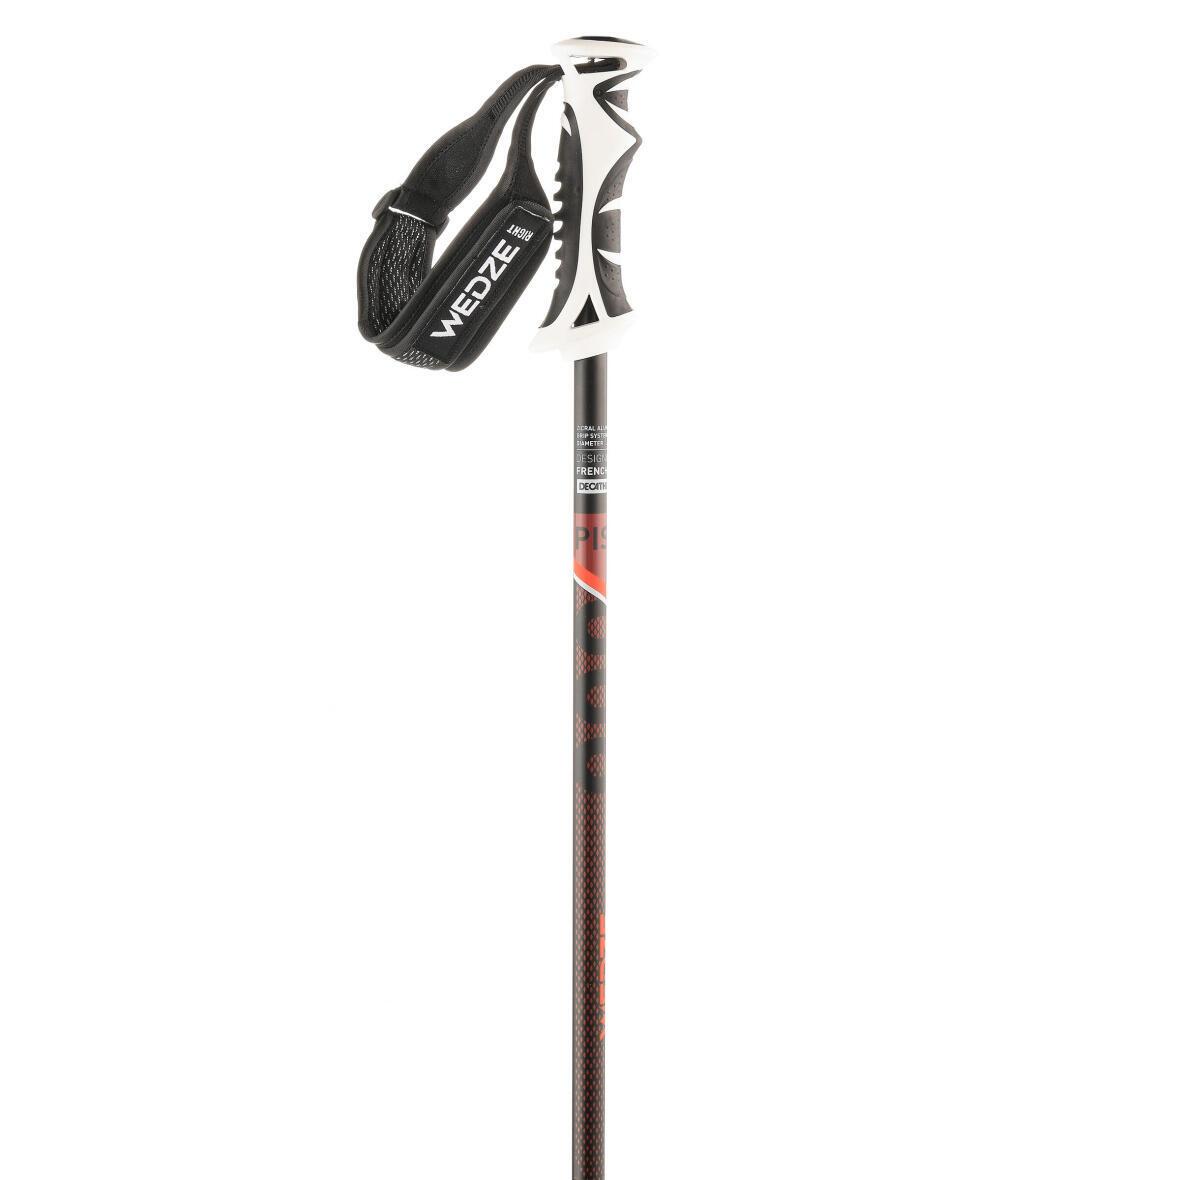 piste ski poles